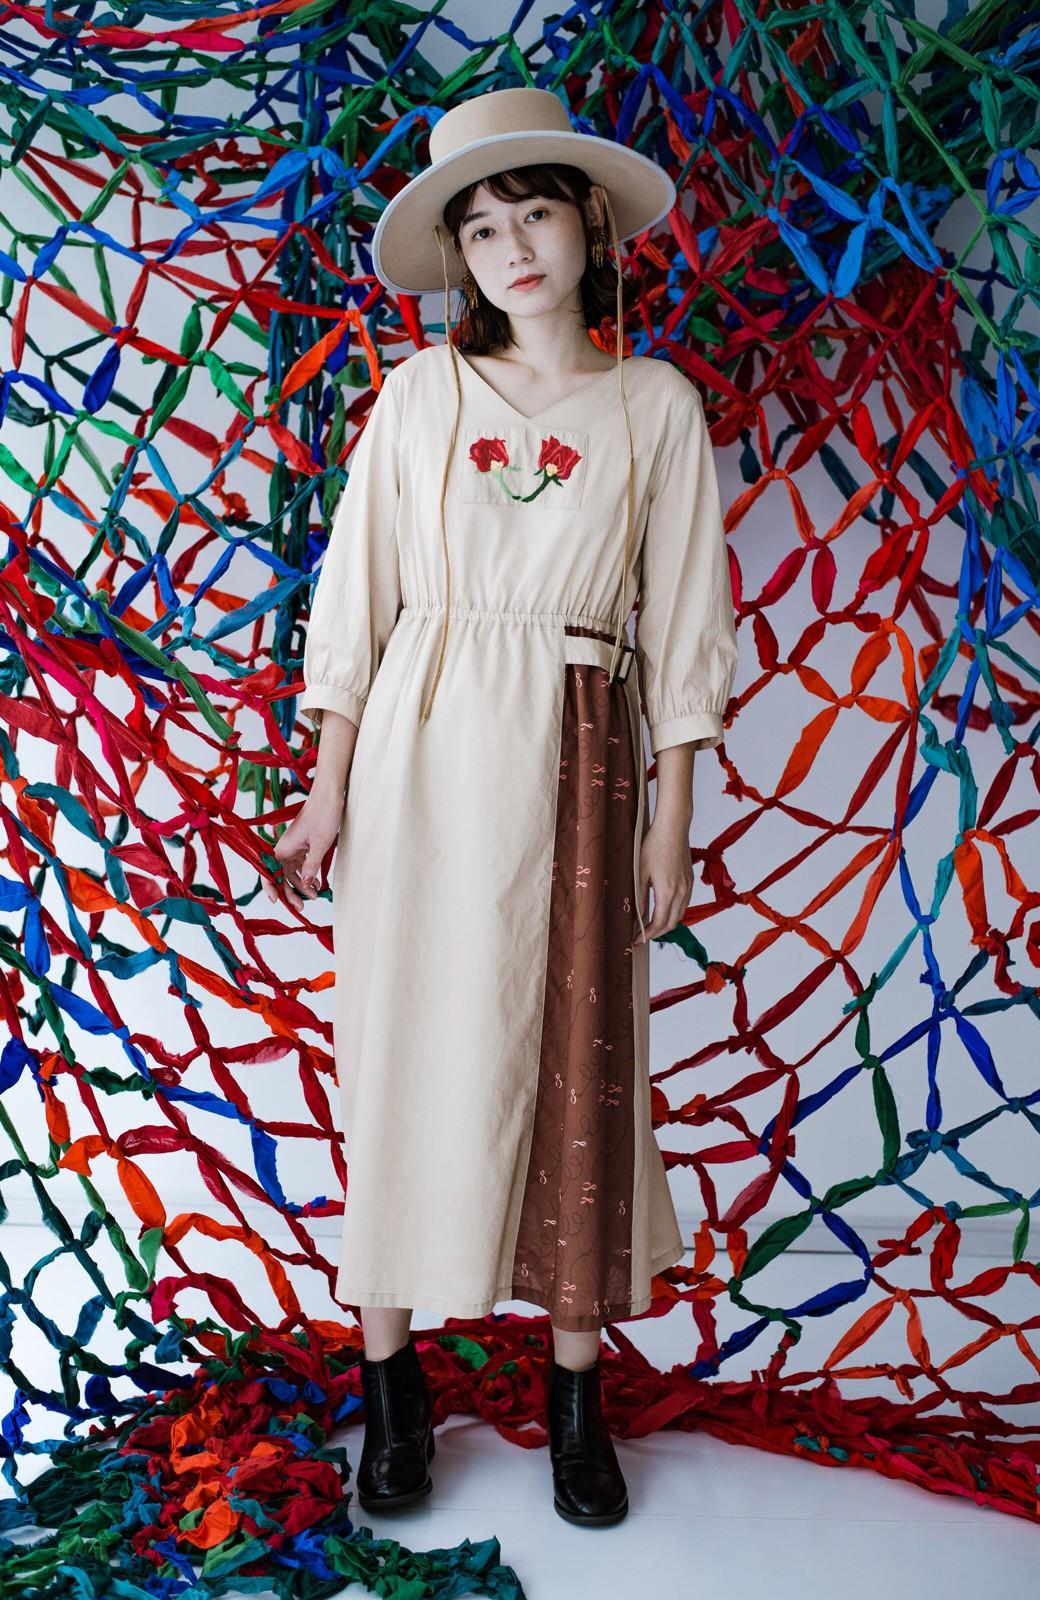 haco! 絡み合う薔薇の刺繍とチラリとのぞくオリジナルプリントが色っぽい オーガニックコットンのワンピース from Stitch by Stitch <ライトベージュ>の商品写真1